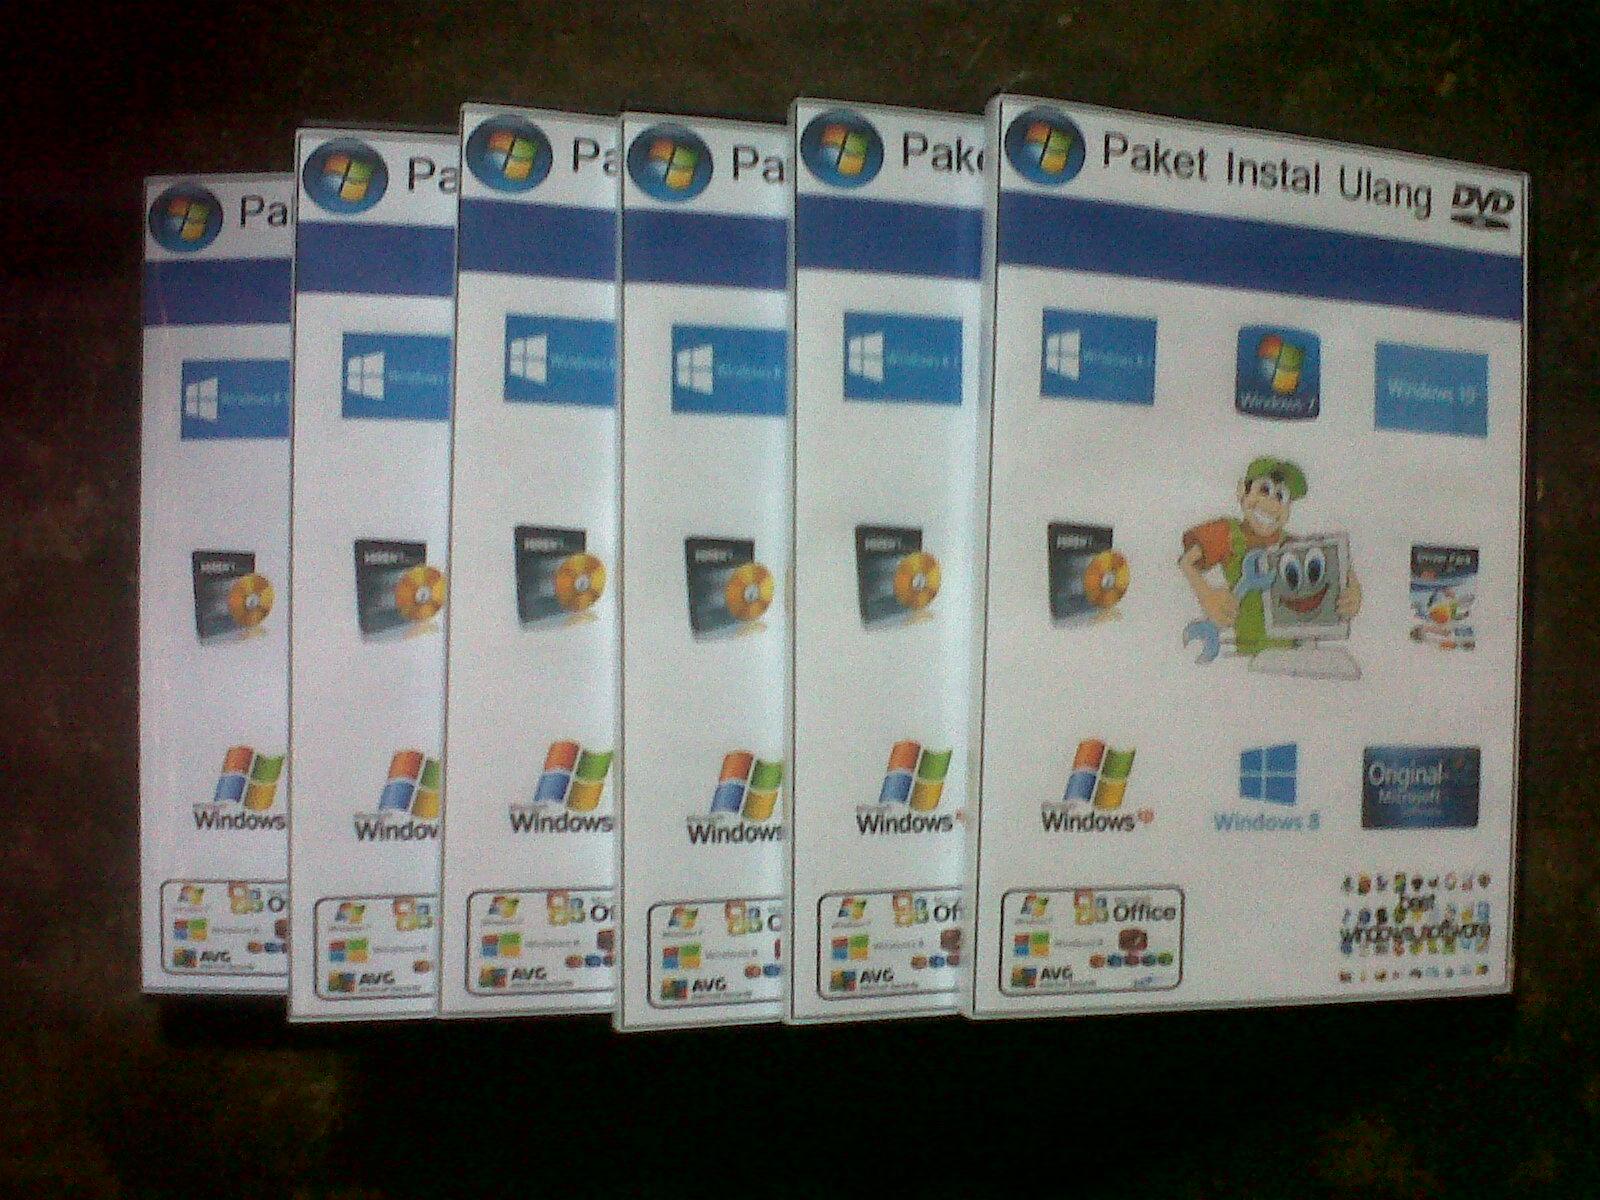 16 Daftar Harga Paket Install Ulang Terlengkap Murah Buruan Cek Di Dvd Instal Komputer Laptop Software Terbaru Dan